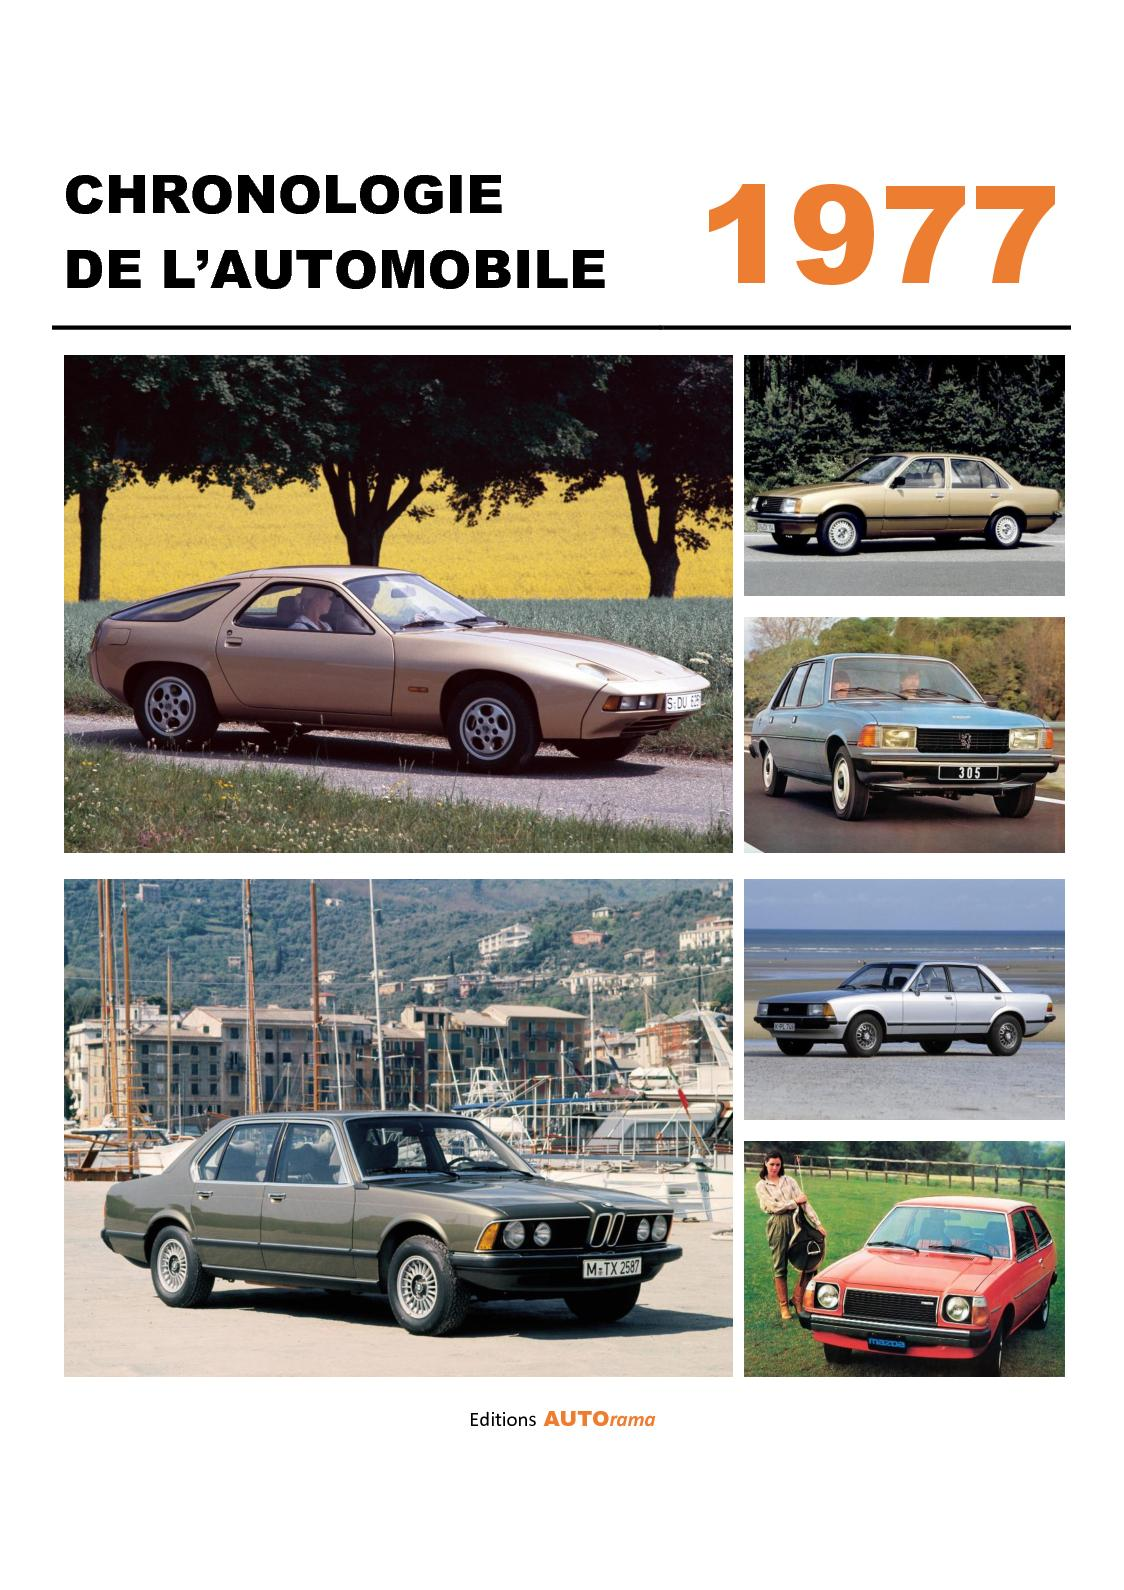 Chronologie de l'automobile - 1977